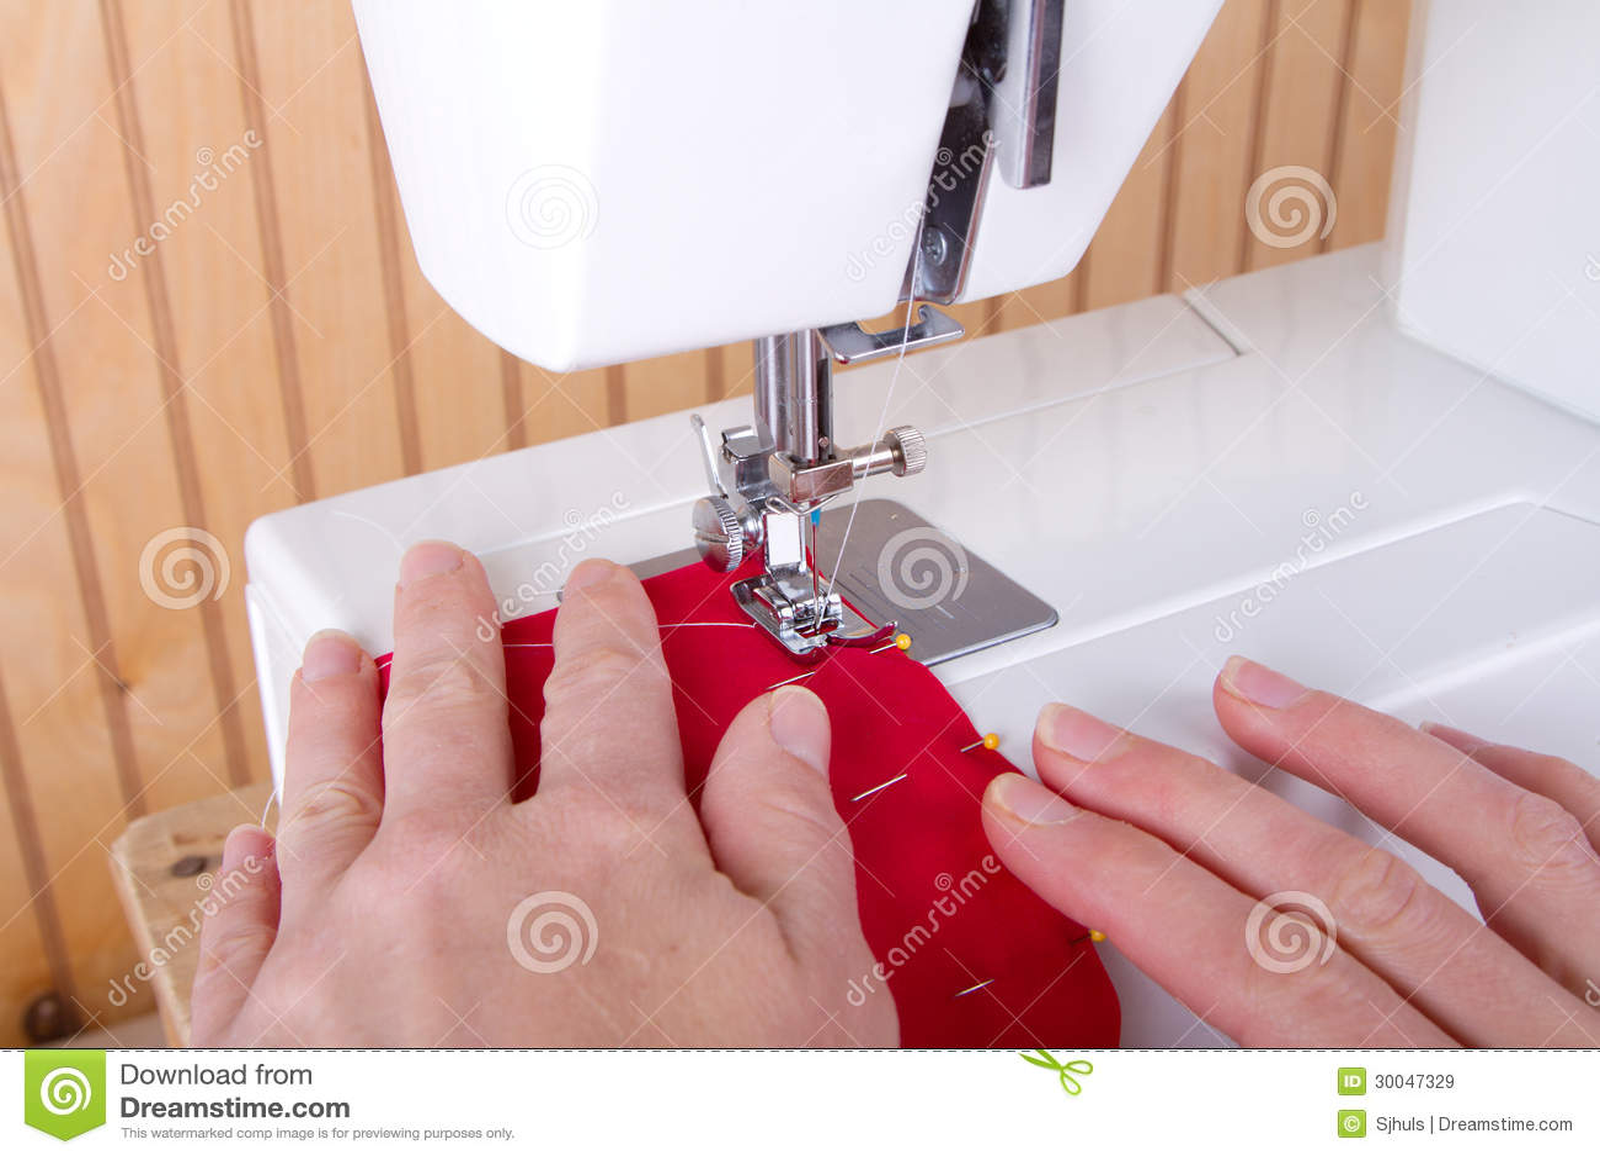 Шить на швейной машине